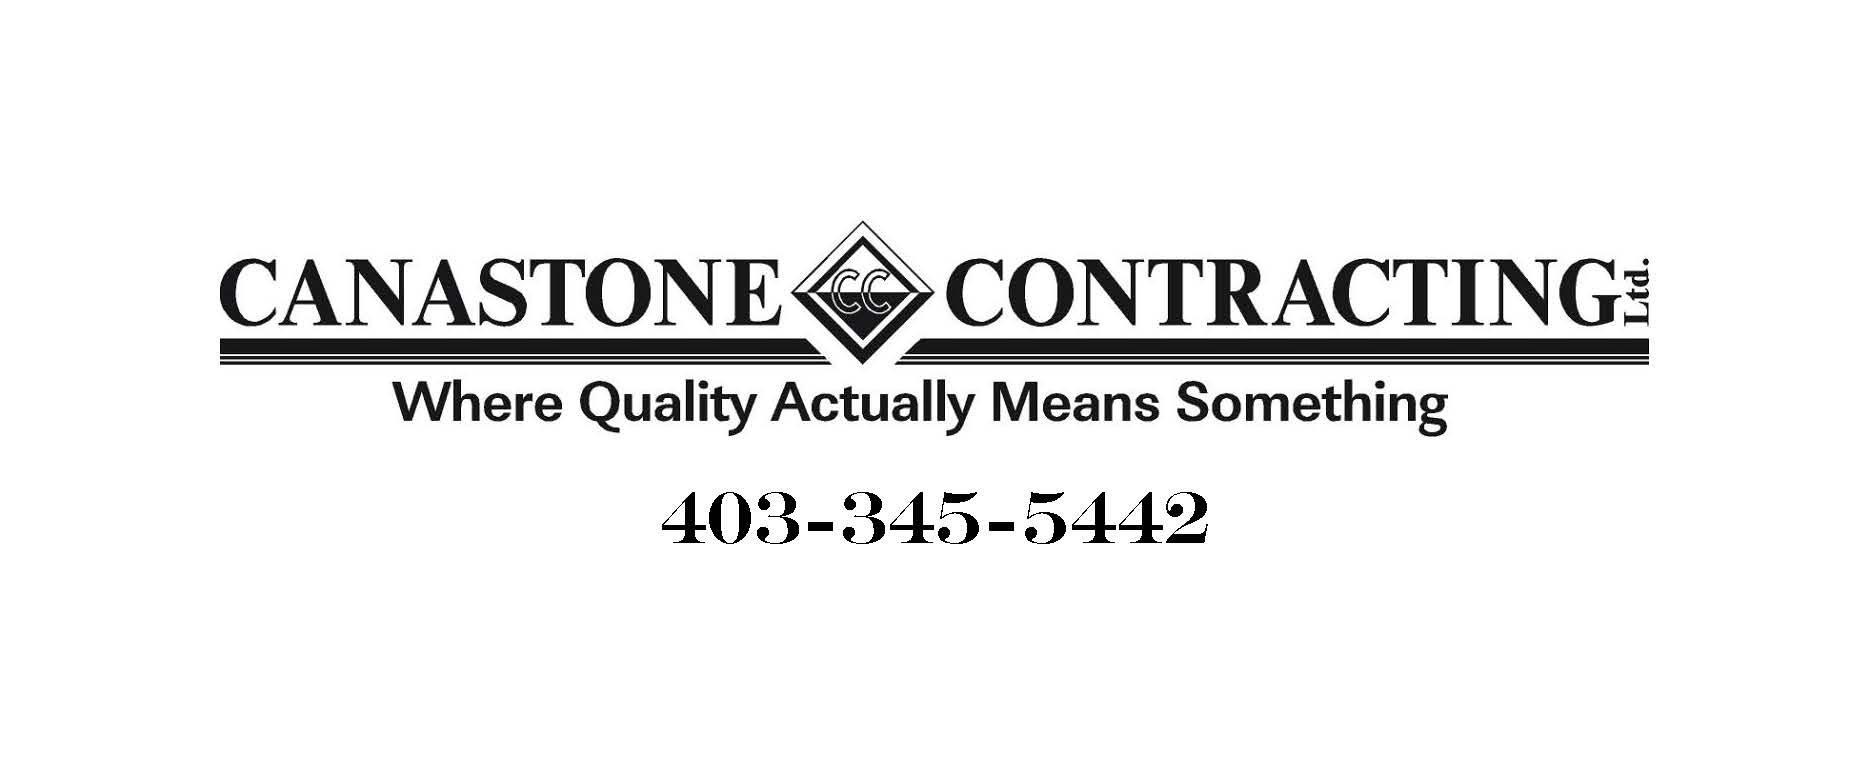 Canastone New logo